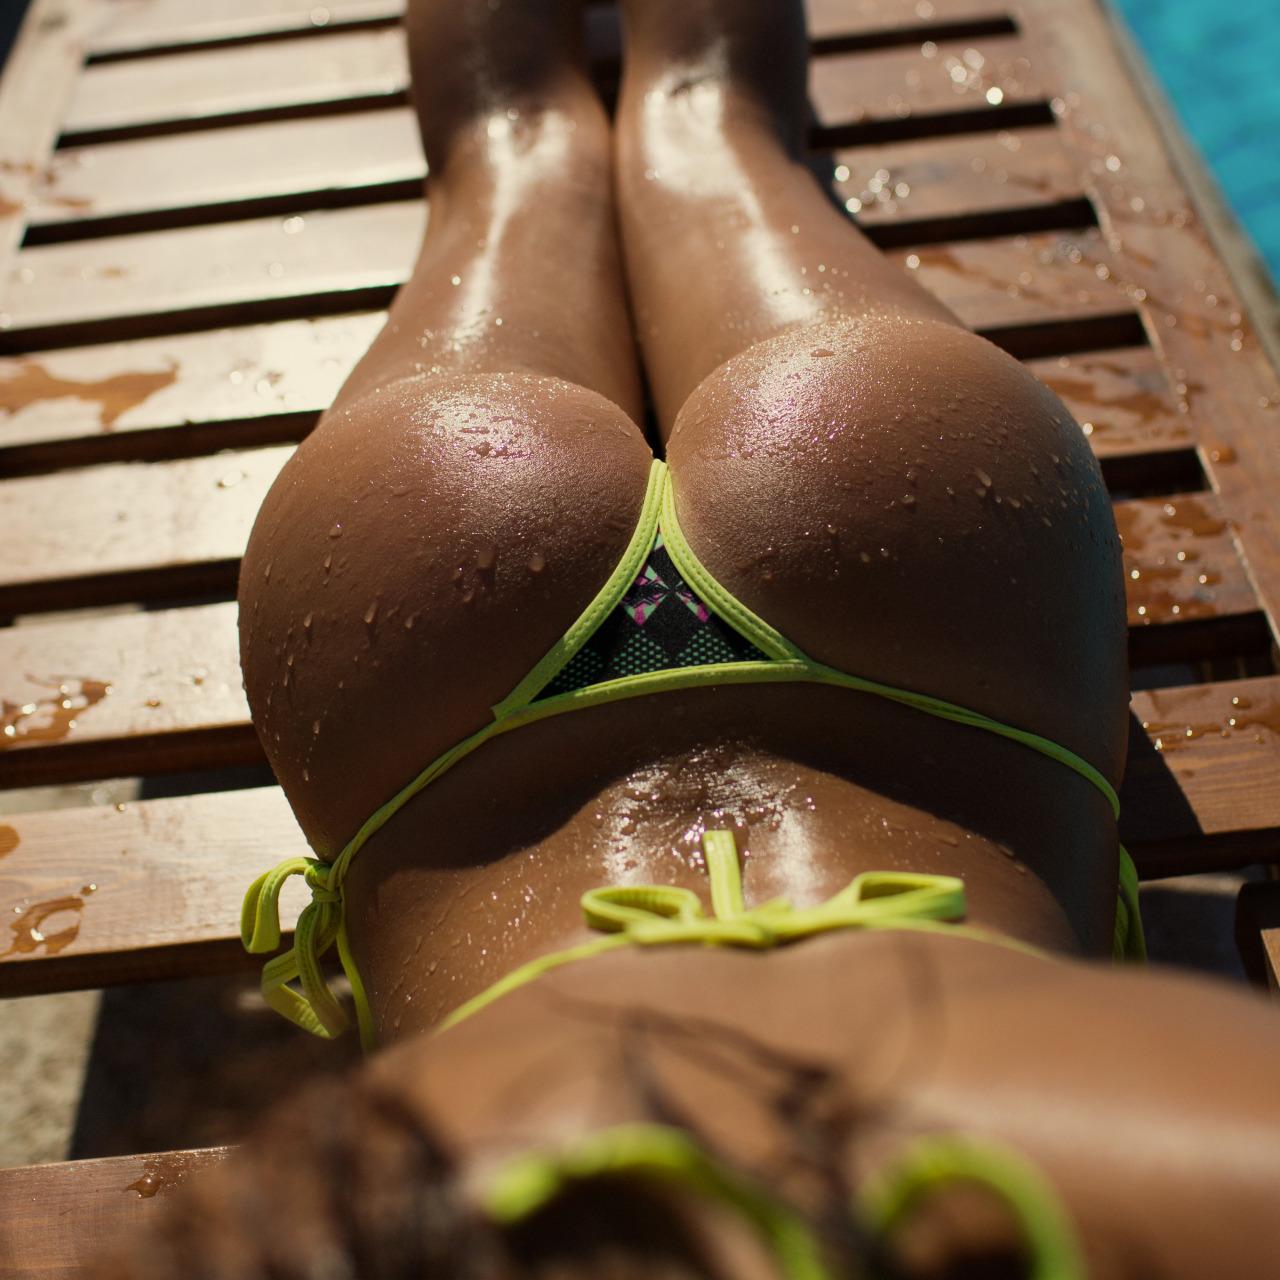 Немного солнца и девушек в бикини